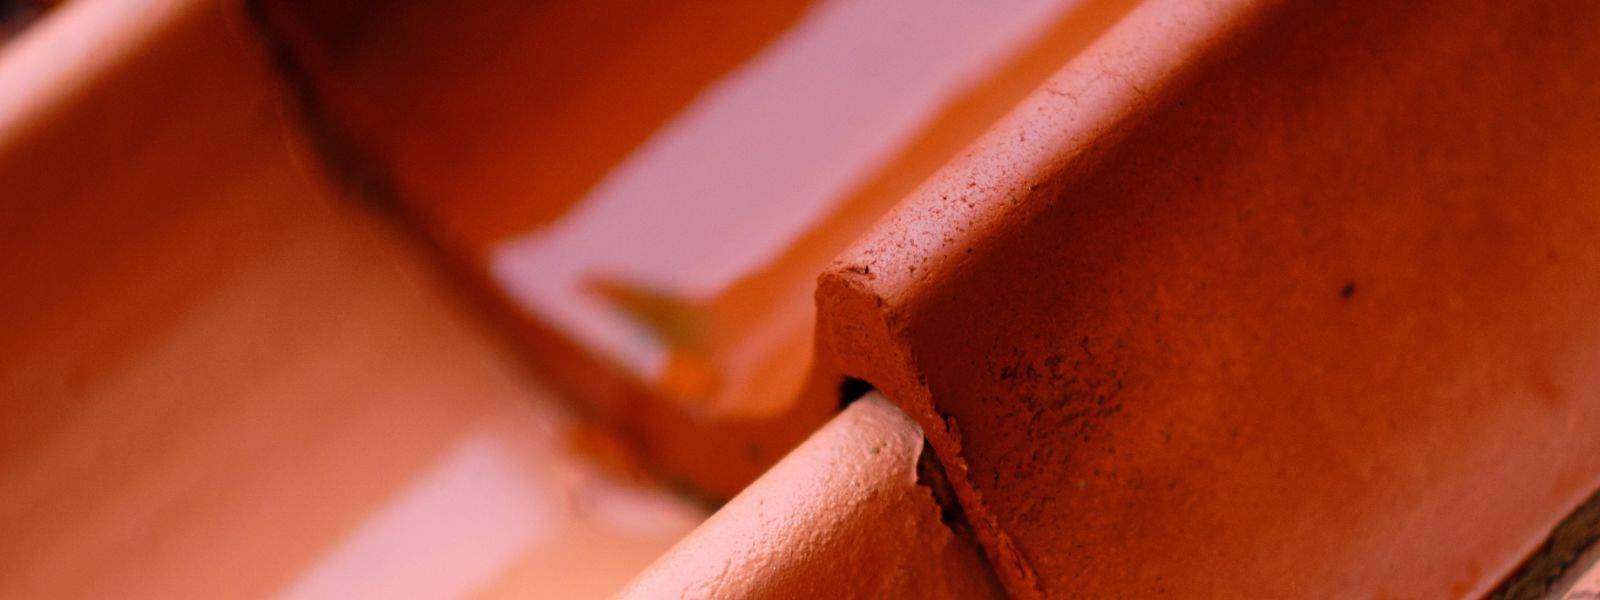 Dacheindeckung kaufen auf restado